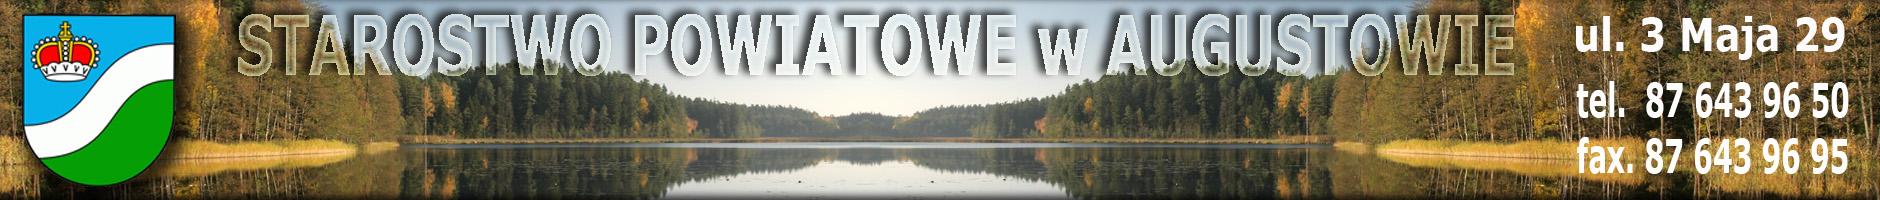 Starostwo Powiatowe w Augustowie